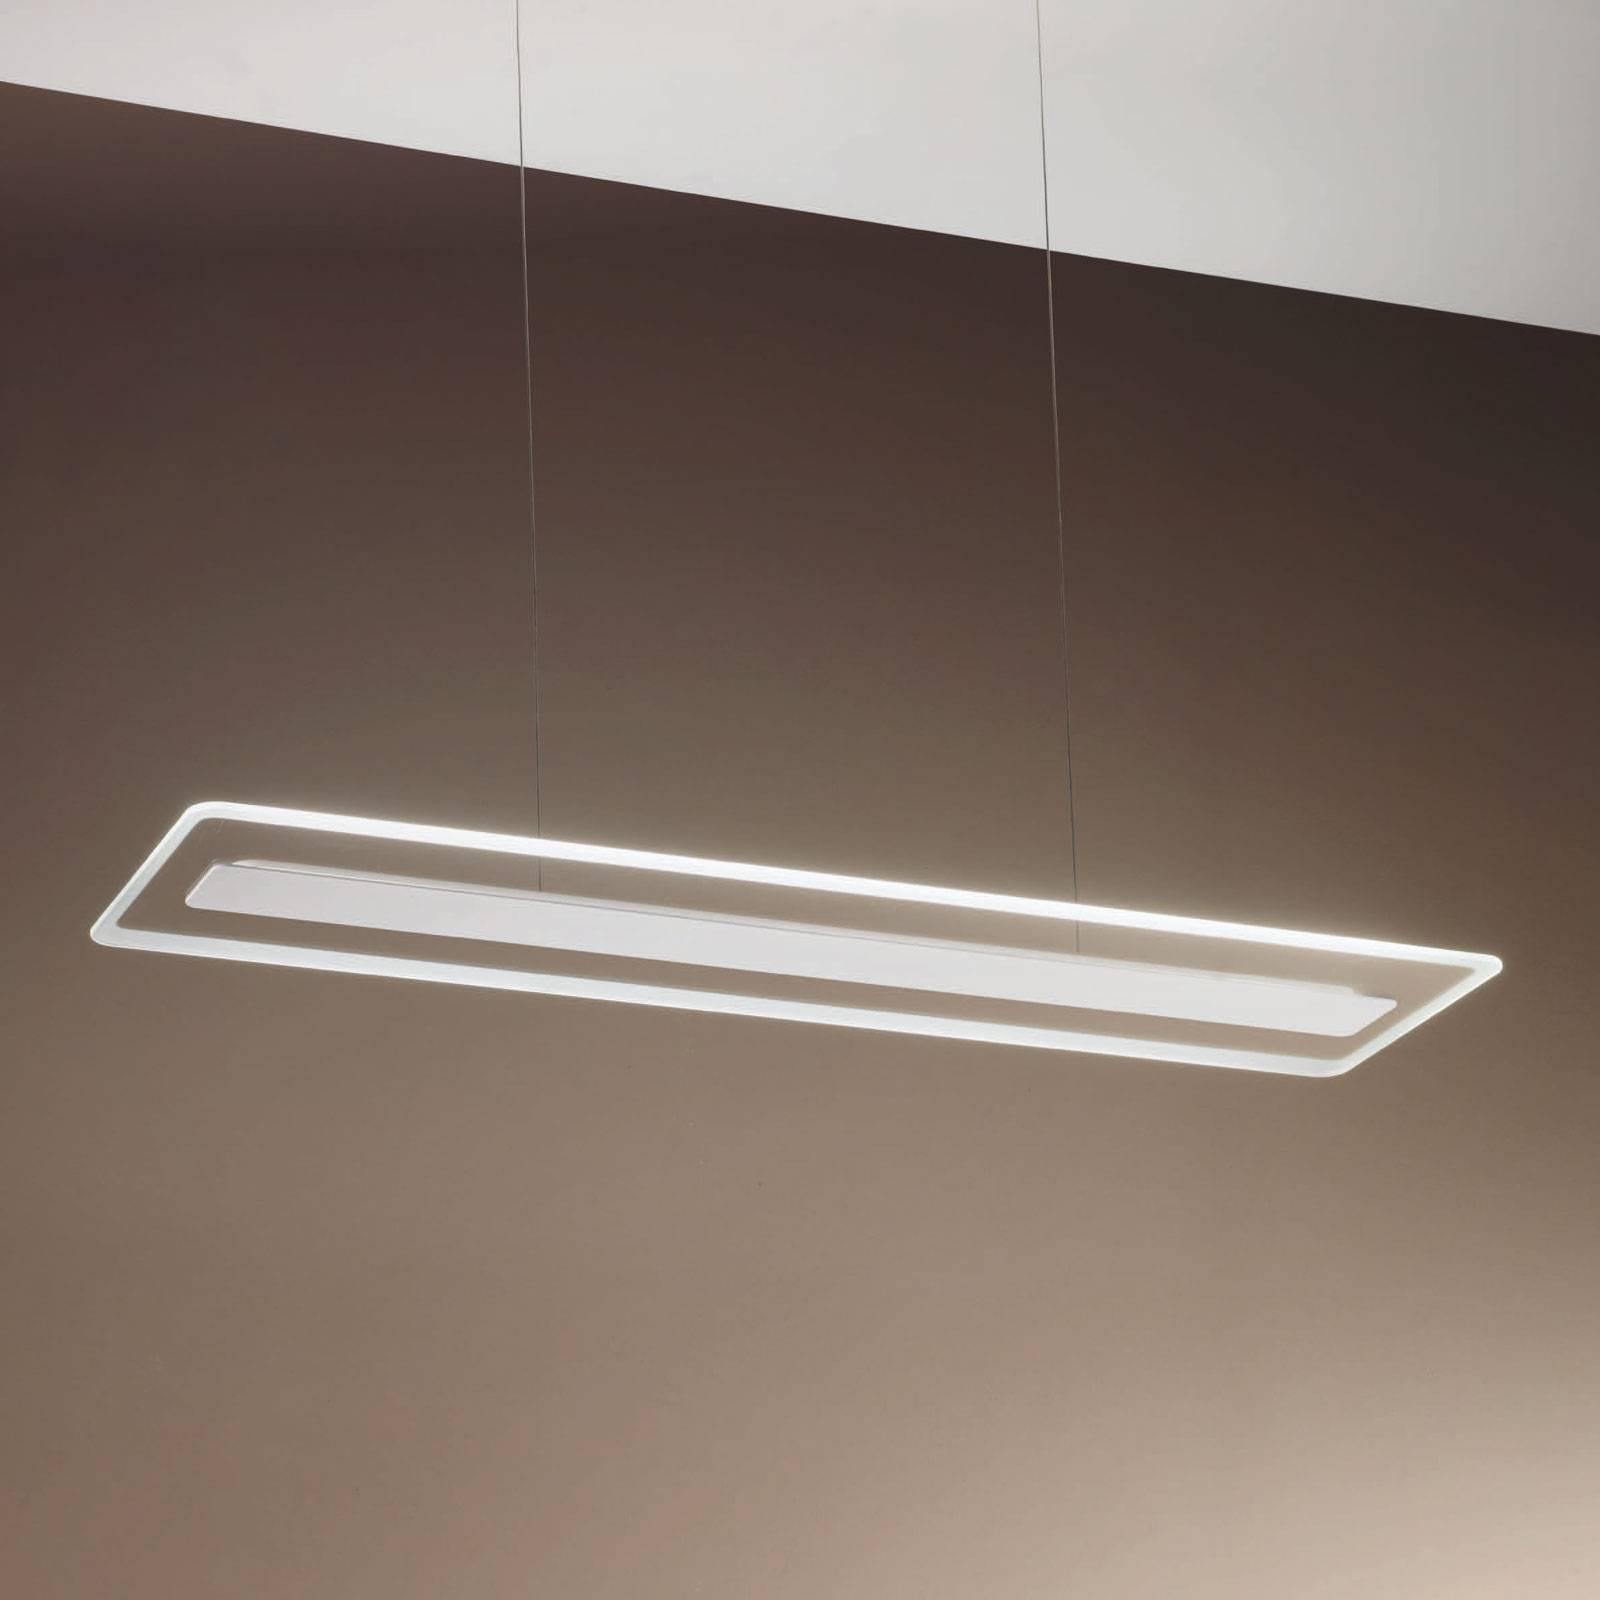 LED-riippuvalaisin Antille lasia, valkoinen